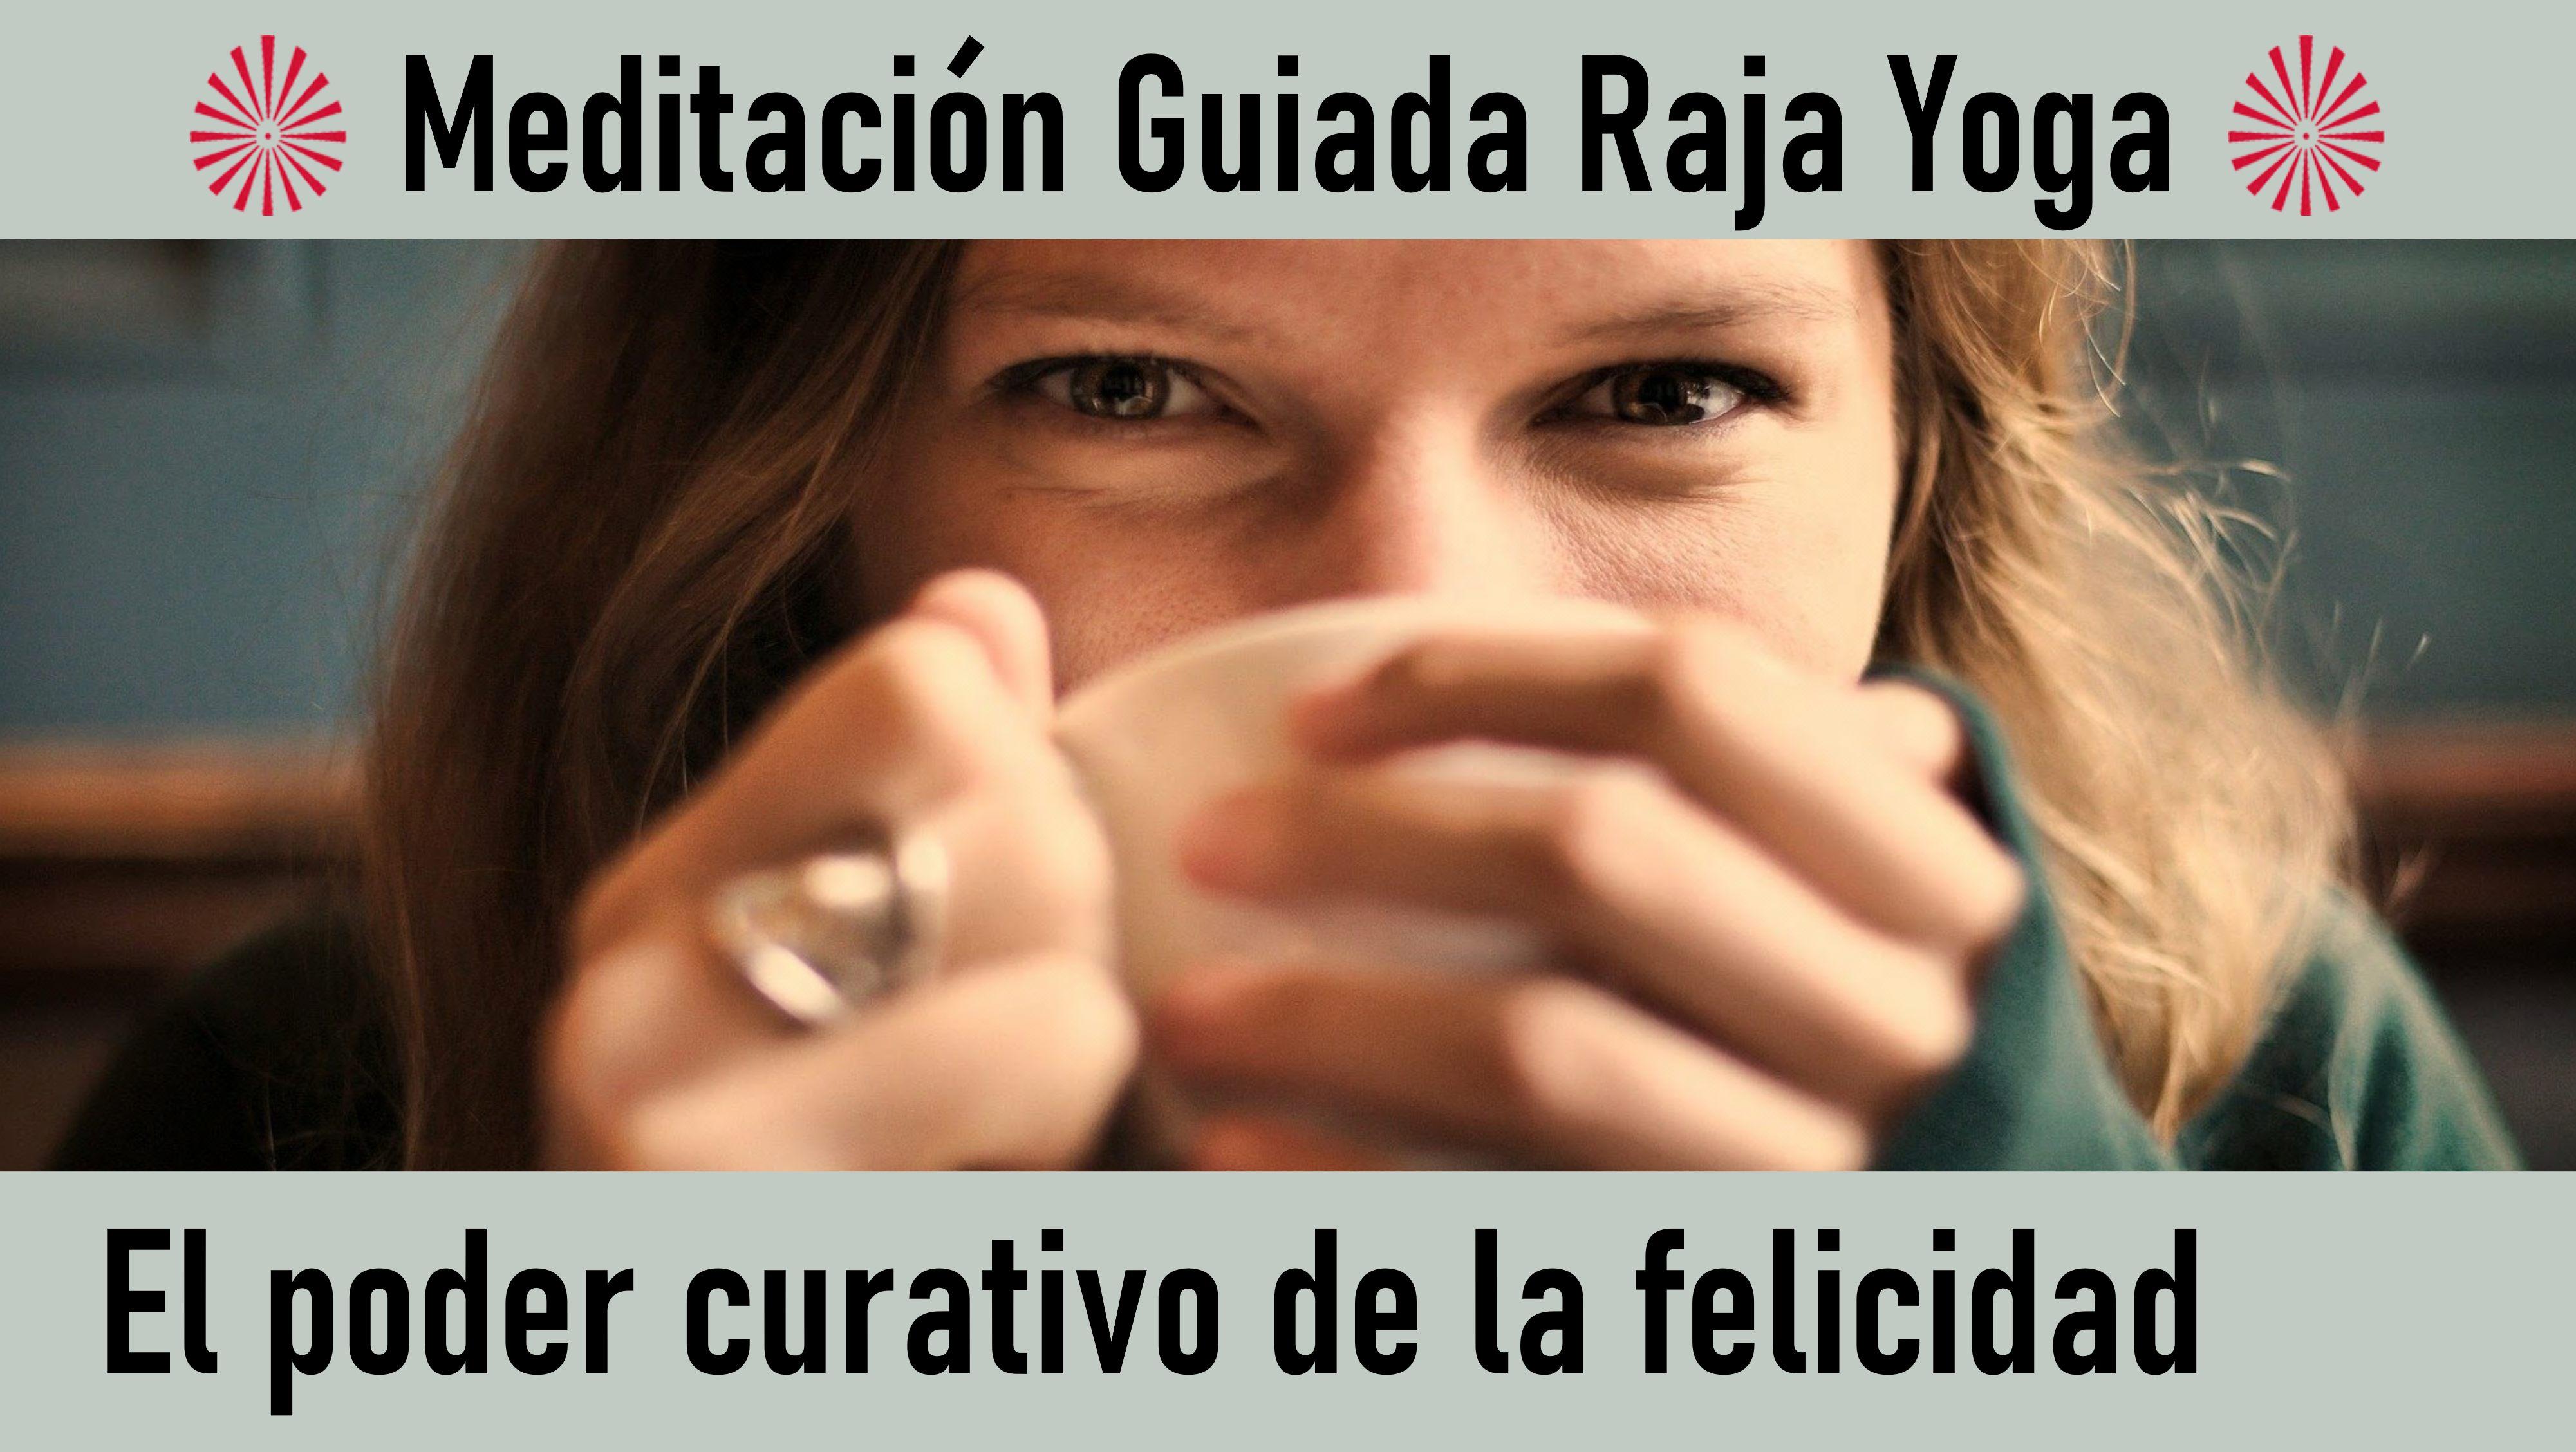 Meditación Raja Yoga:  El poder curativo de la felicidad (27 Octubre 2020) On-line desde Canarias